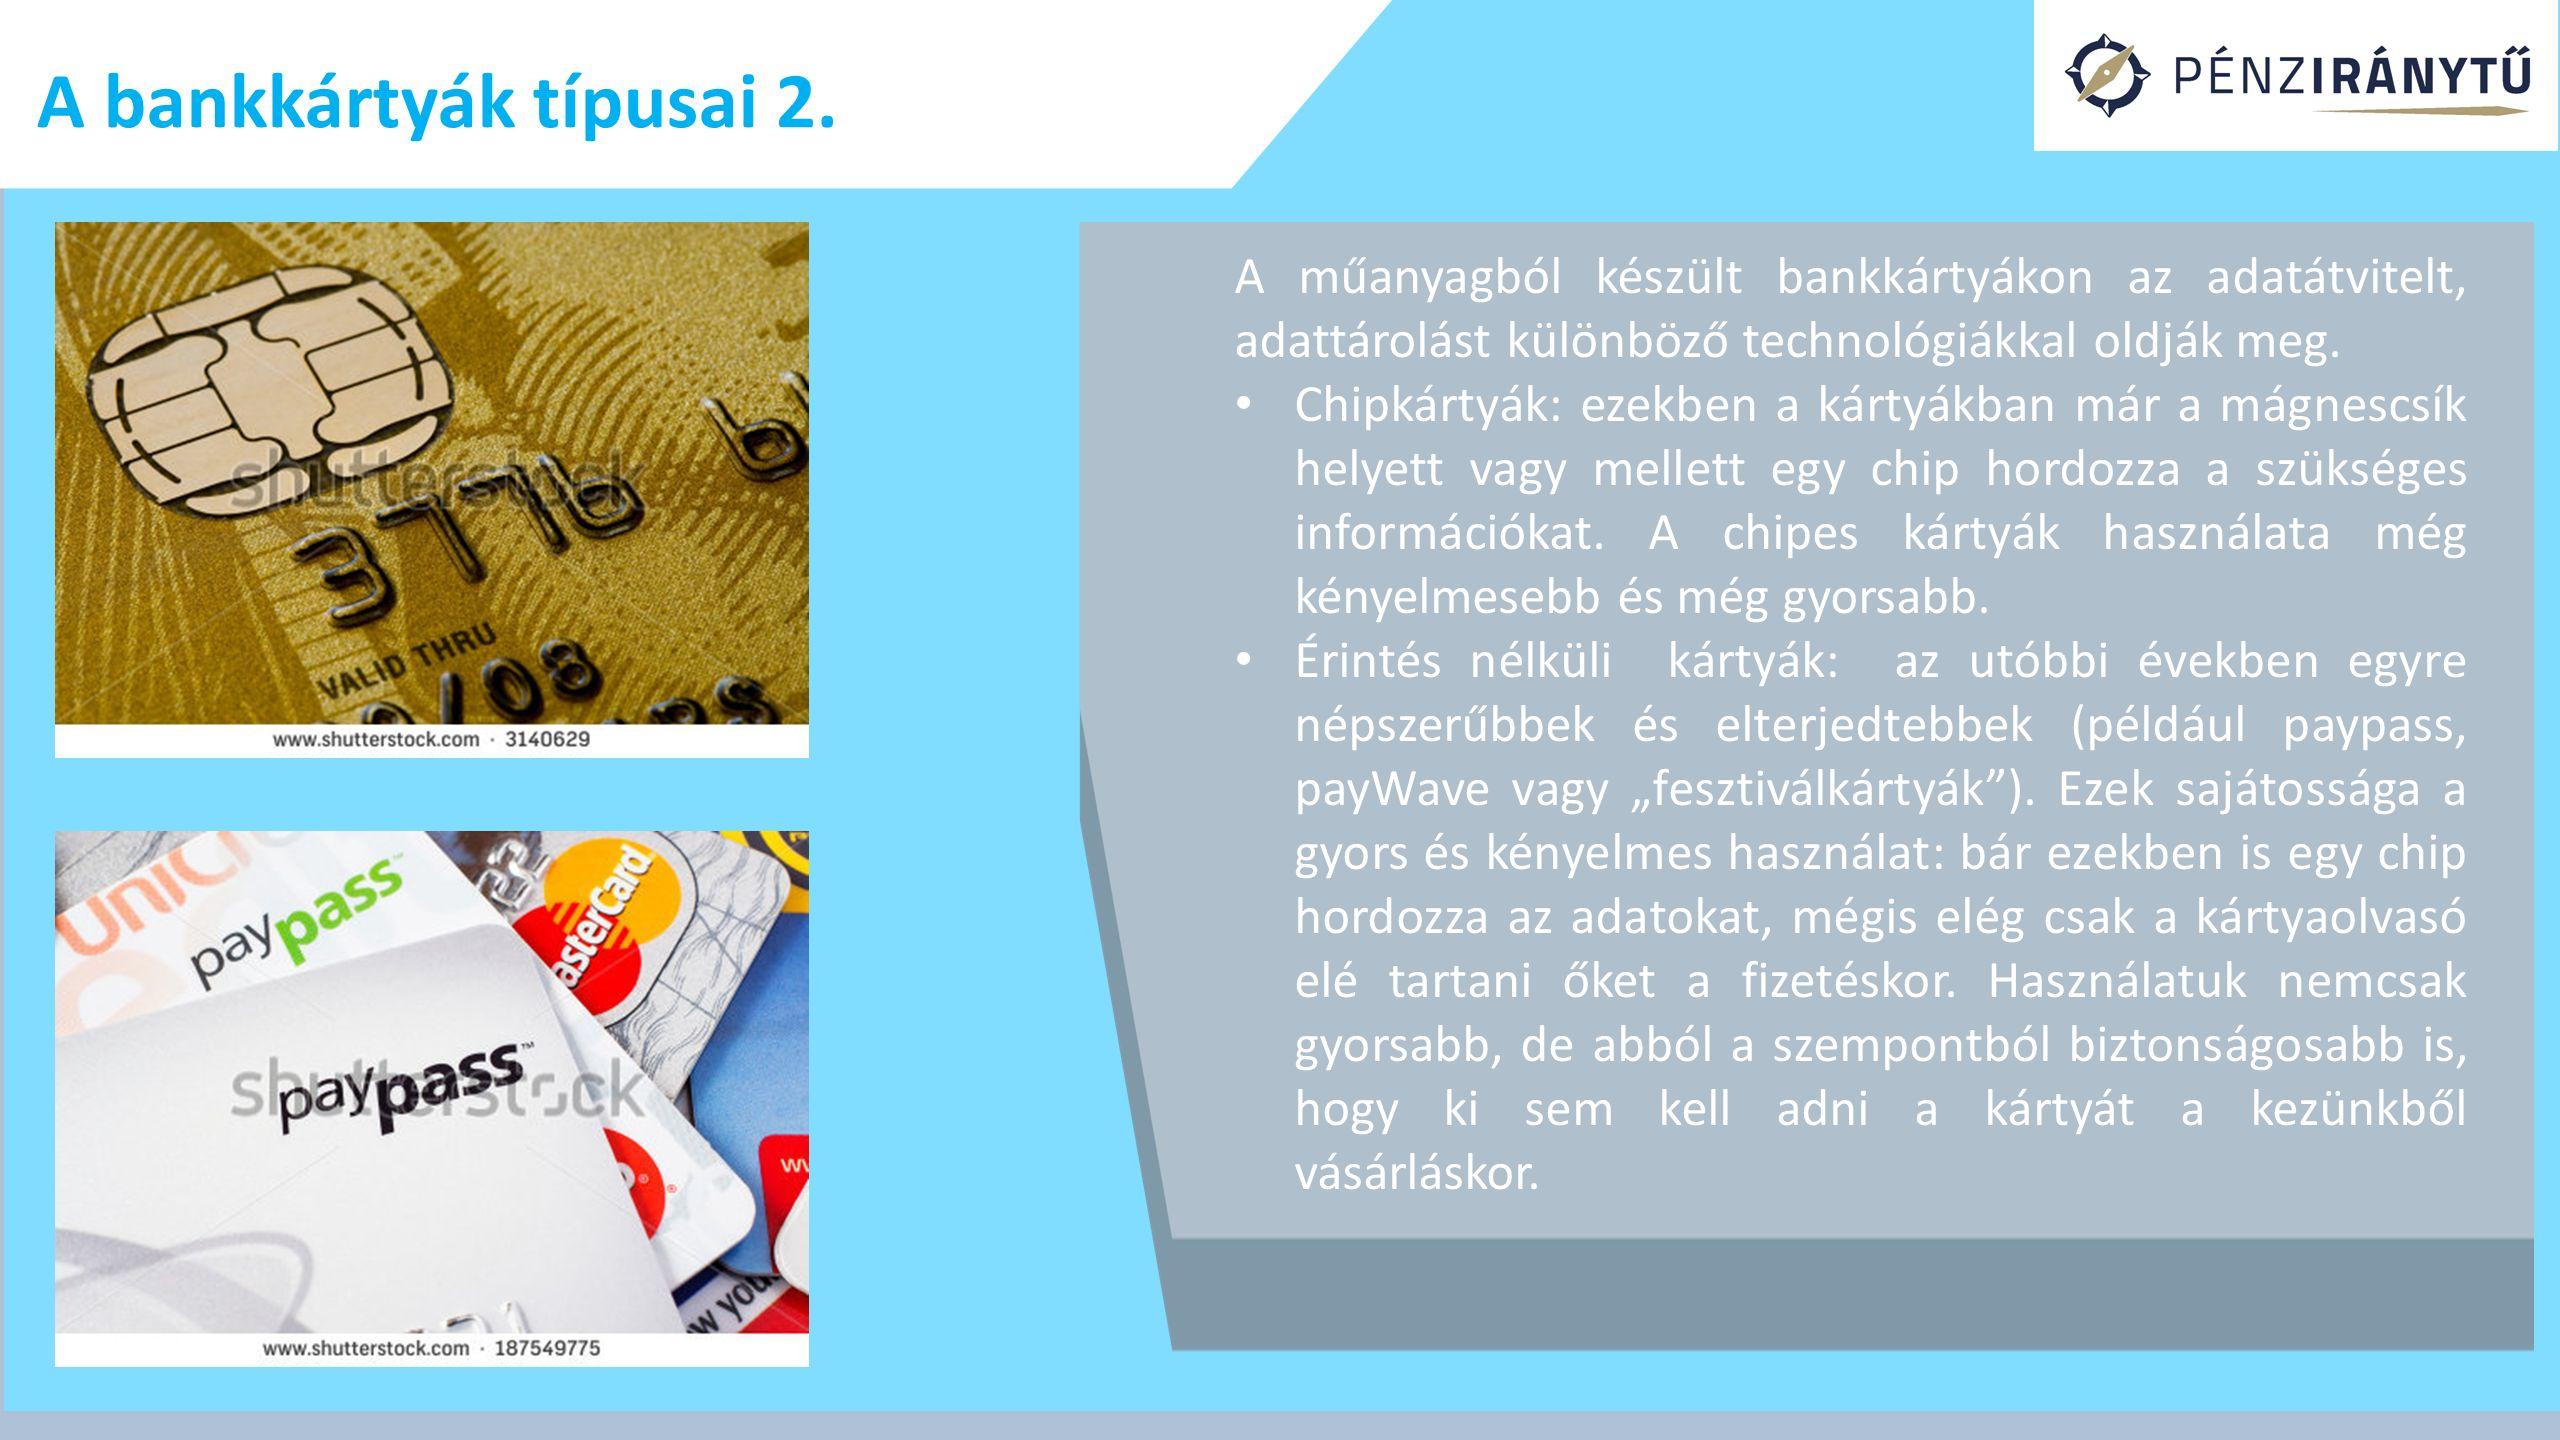 A bankkártyák típusai 2. A műanyagból készült bankkártyákon az adatátvitelt, adattárolást különböző technológiákkal oldják meg. Chipkártyák: ezekben a